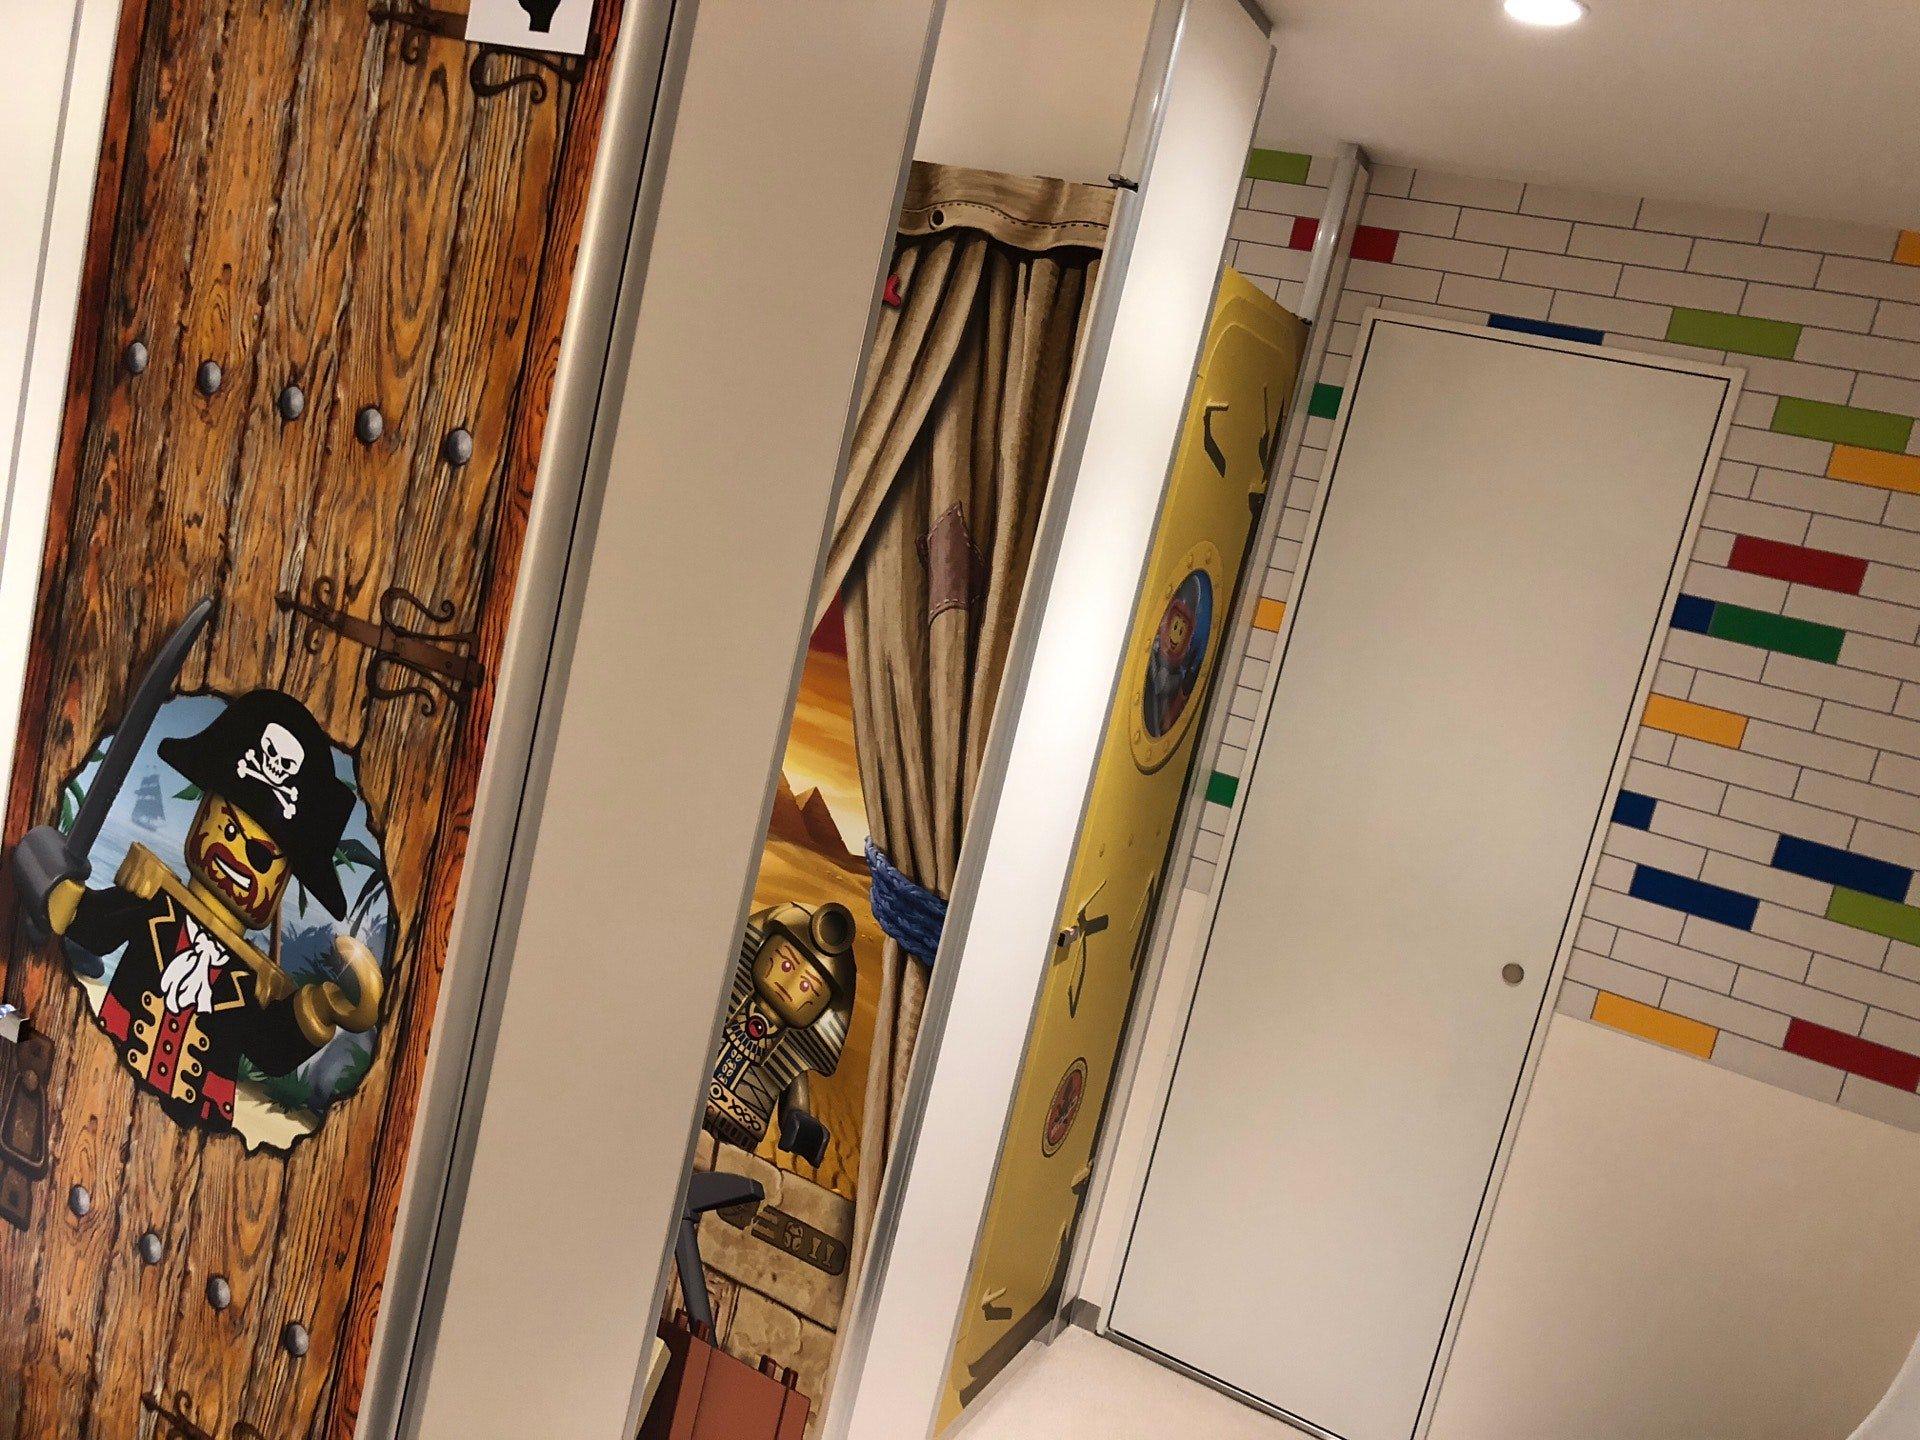 トイレ楽しそう (@ レゴランド・ジャパン・ホテル in 名古屋市港区, 愛知県) https://t.co/MBUEpYOArF https://t.co/XKSlh4JlFE